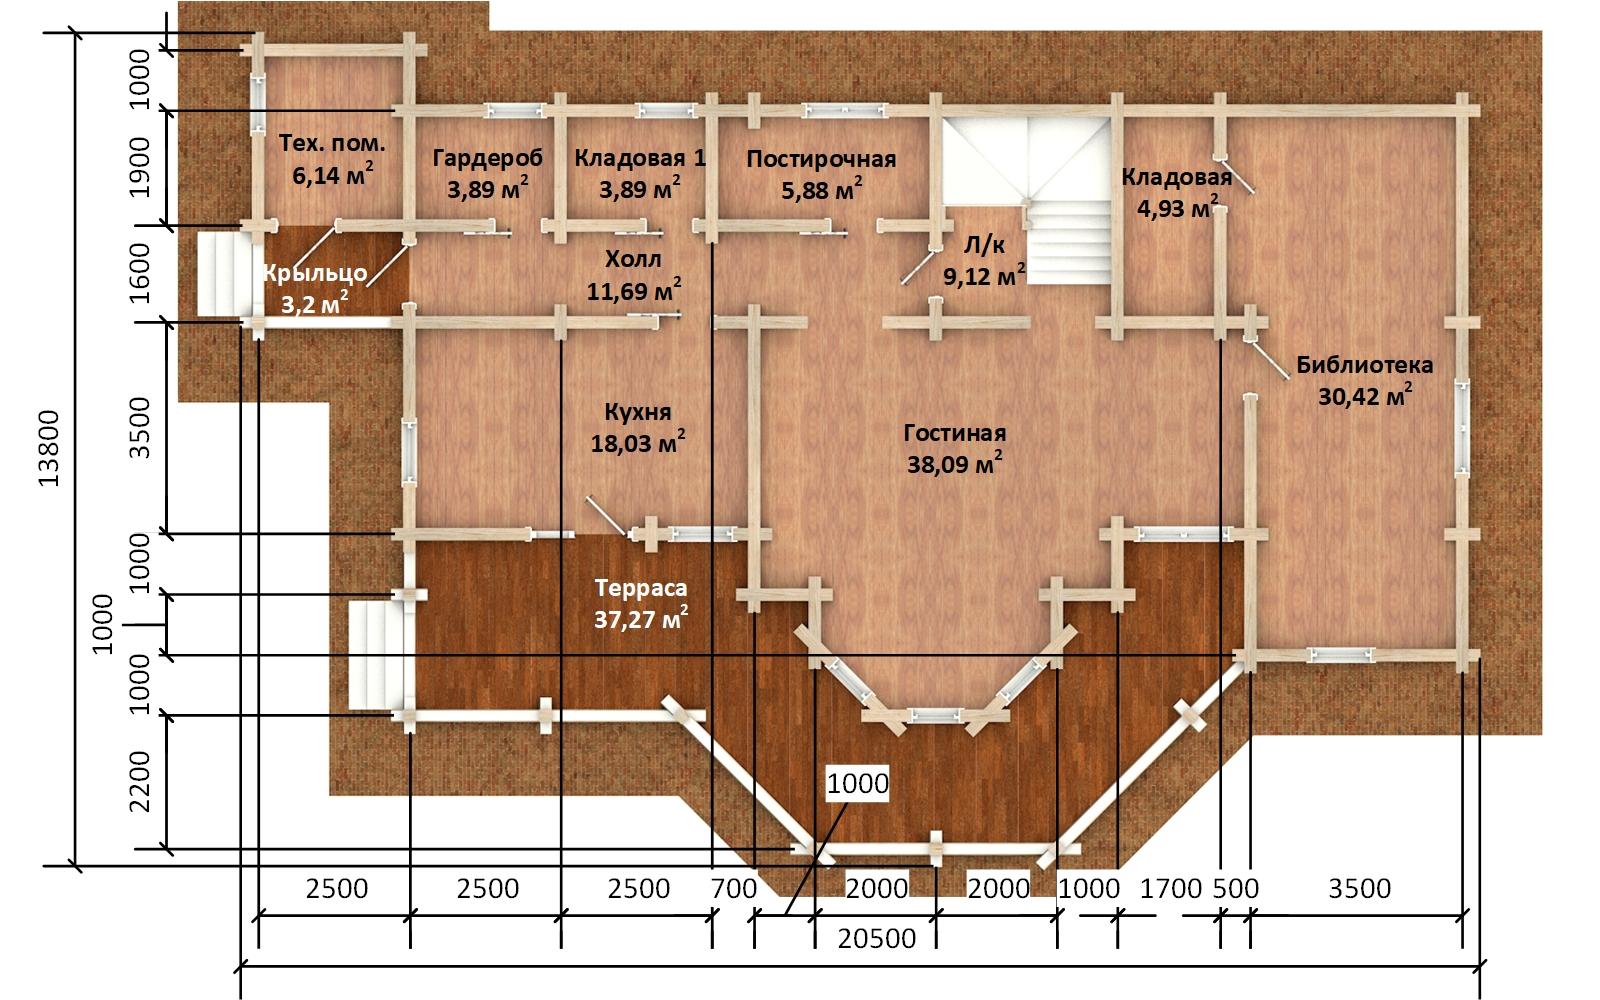 Фото #3: деревянный дом ПДБ-73 из клееного бруса купить за 30945613 (цена «Под ключ»)